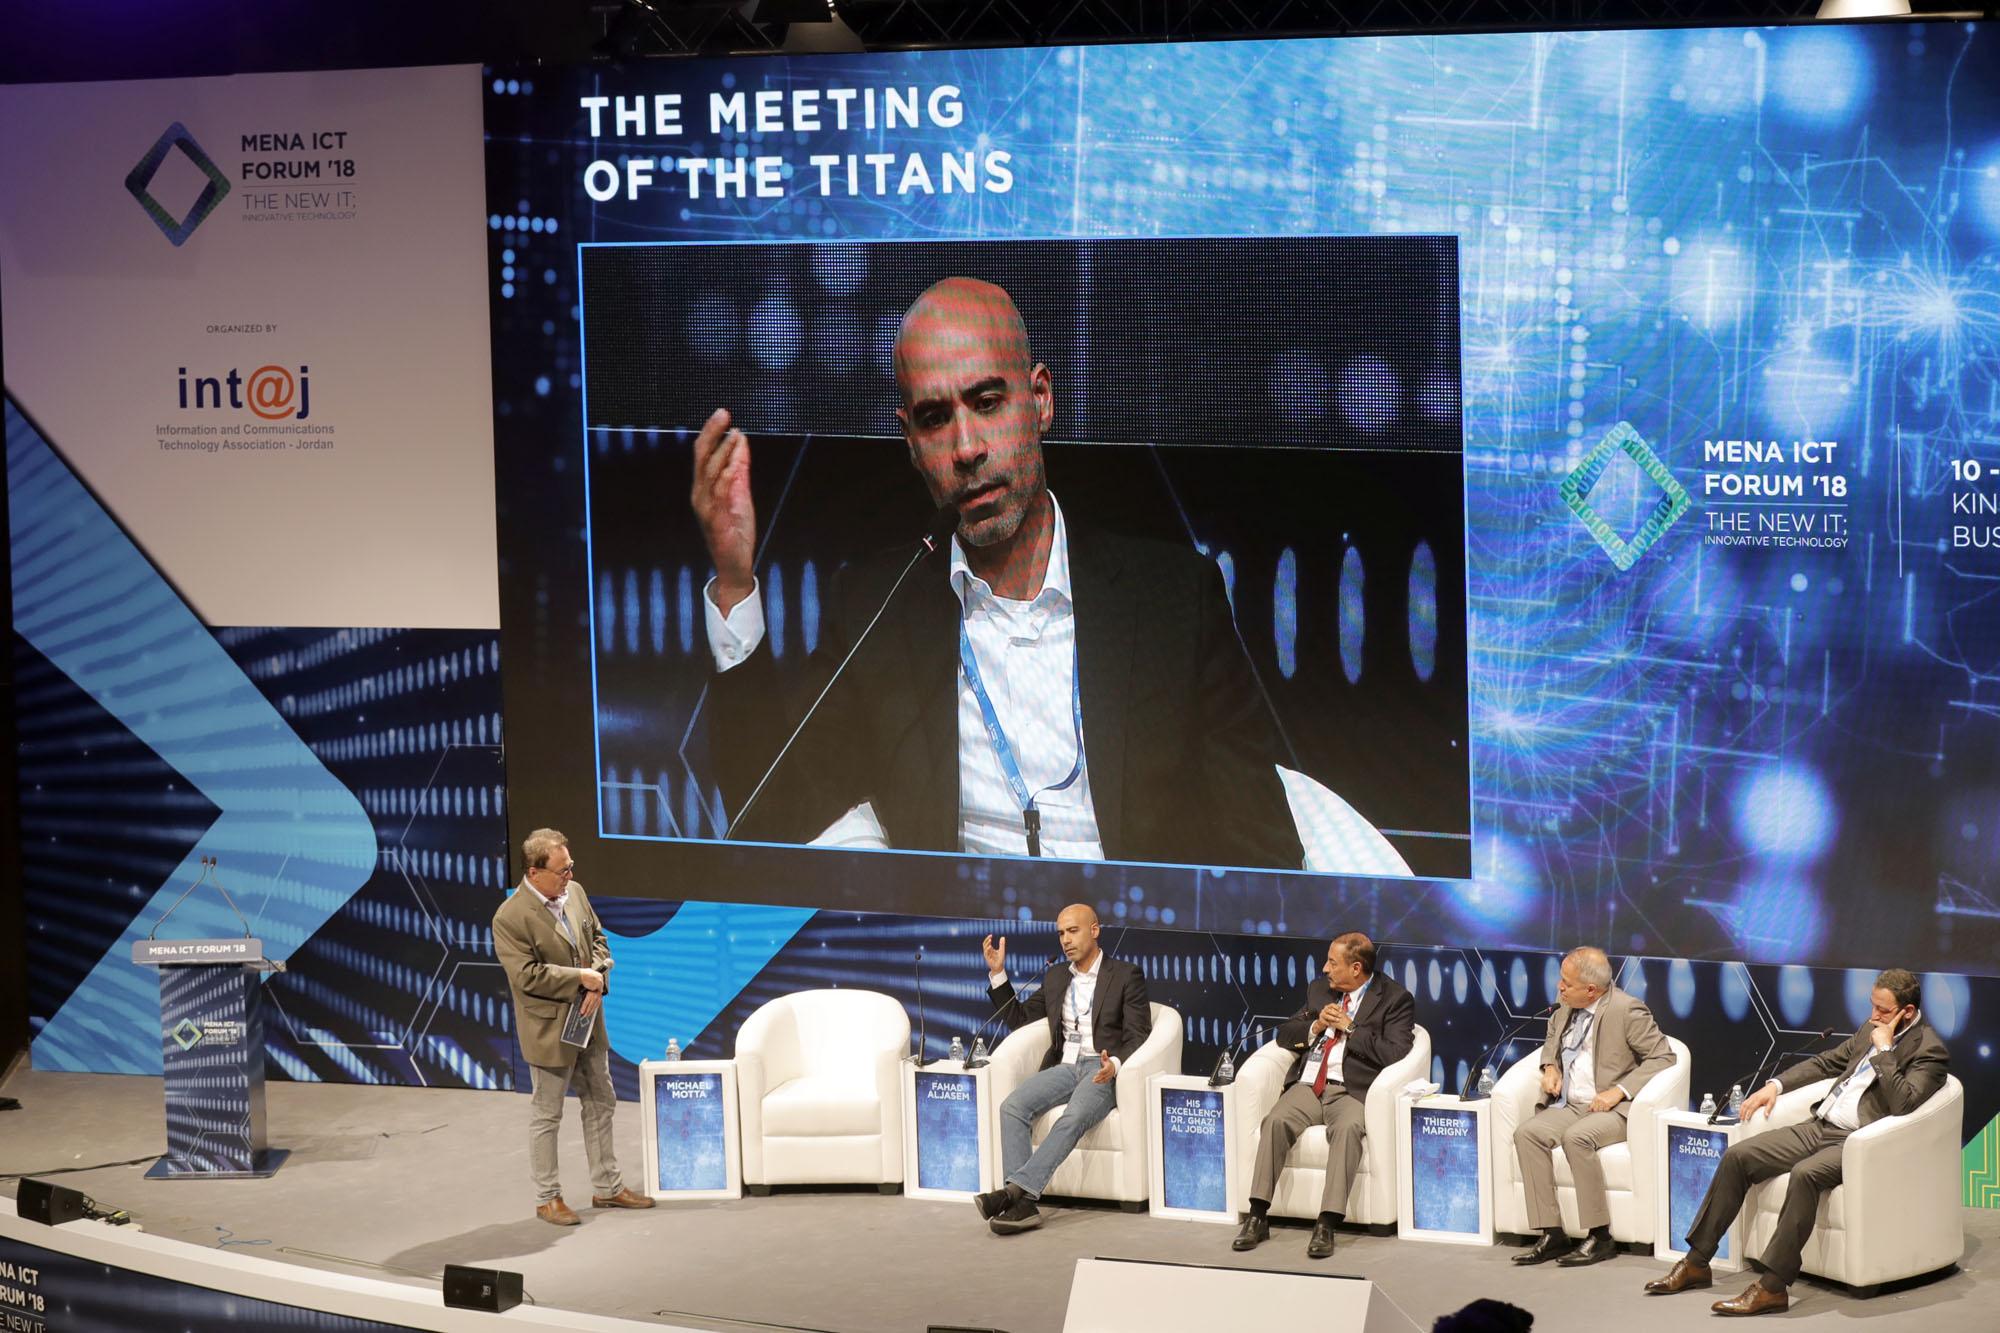 الجاسم يشارك في الجلسة الختامية لمنتدى الاتصالات وتكنولوجيا المعلومات لمنطقة الشرق الأوسط وشمال افريقيا MENA ICT 2018